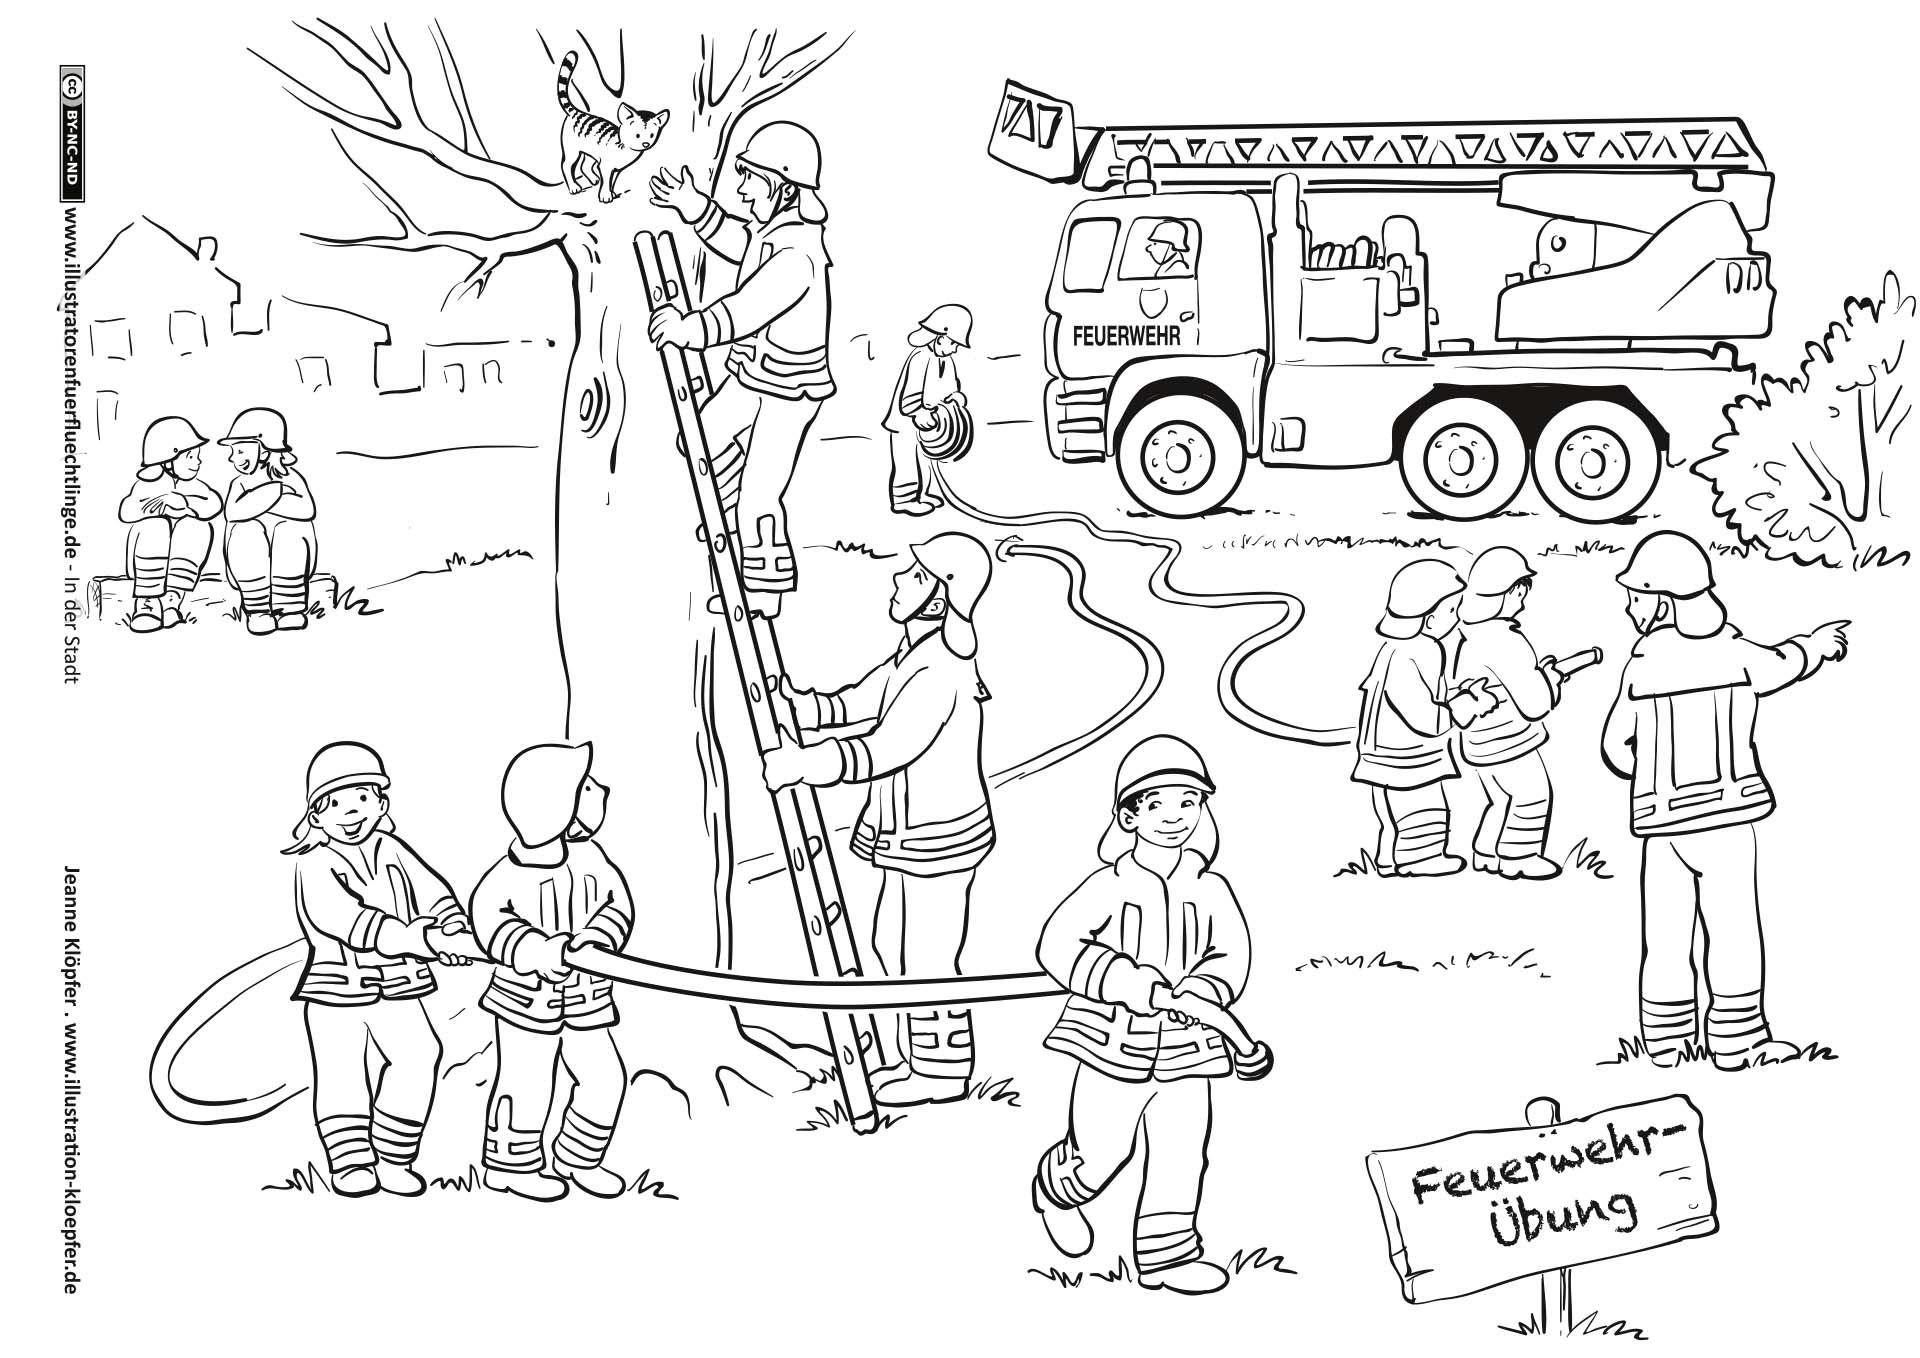 Download als PDF: In der Stadt – Feuerwehr – Klöpfer ...